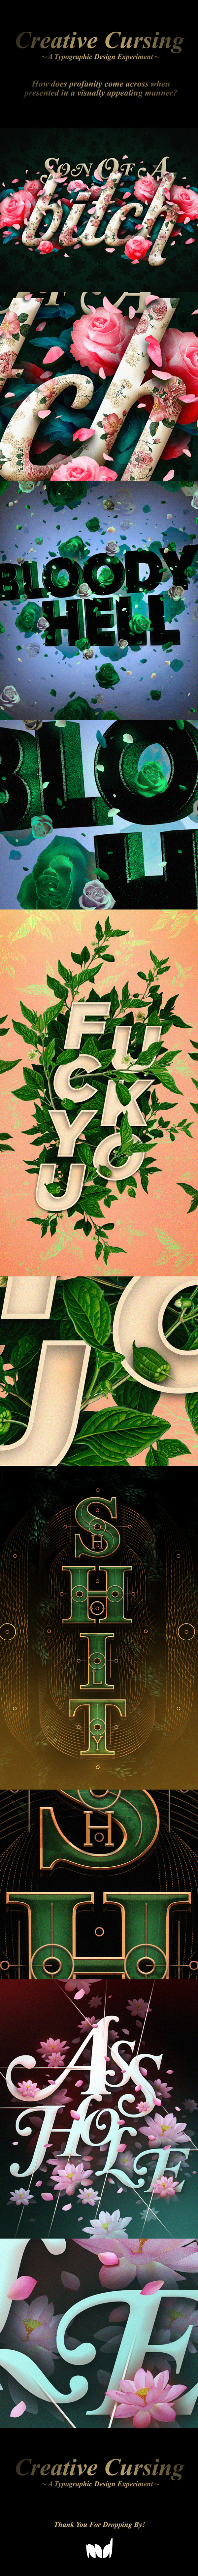 Creative Cursing - Experimental Typography by M A R K I E D A R K I E, via Behance